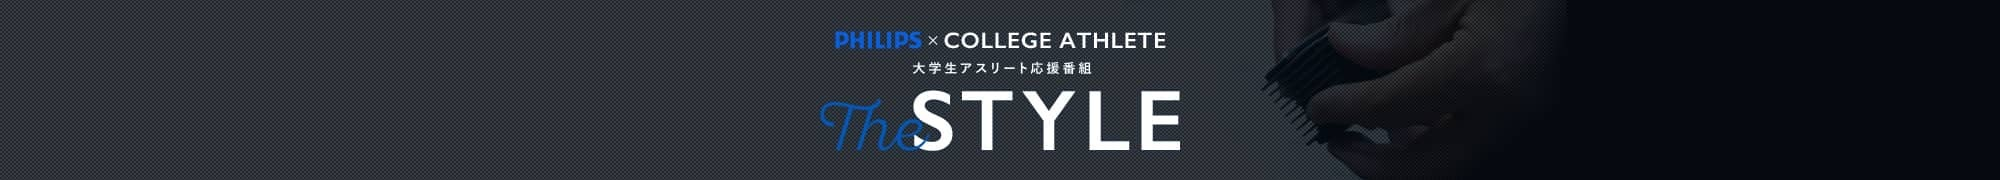 大学アスリート応援番組「THE STYLE」は、 フィリップス社グルーミングシリーズのサポートにより 現役で活躍する大学アスリートをカッコよく変身させる番組です。勉強に、練習に多忙…